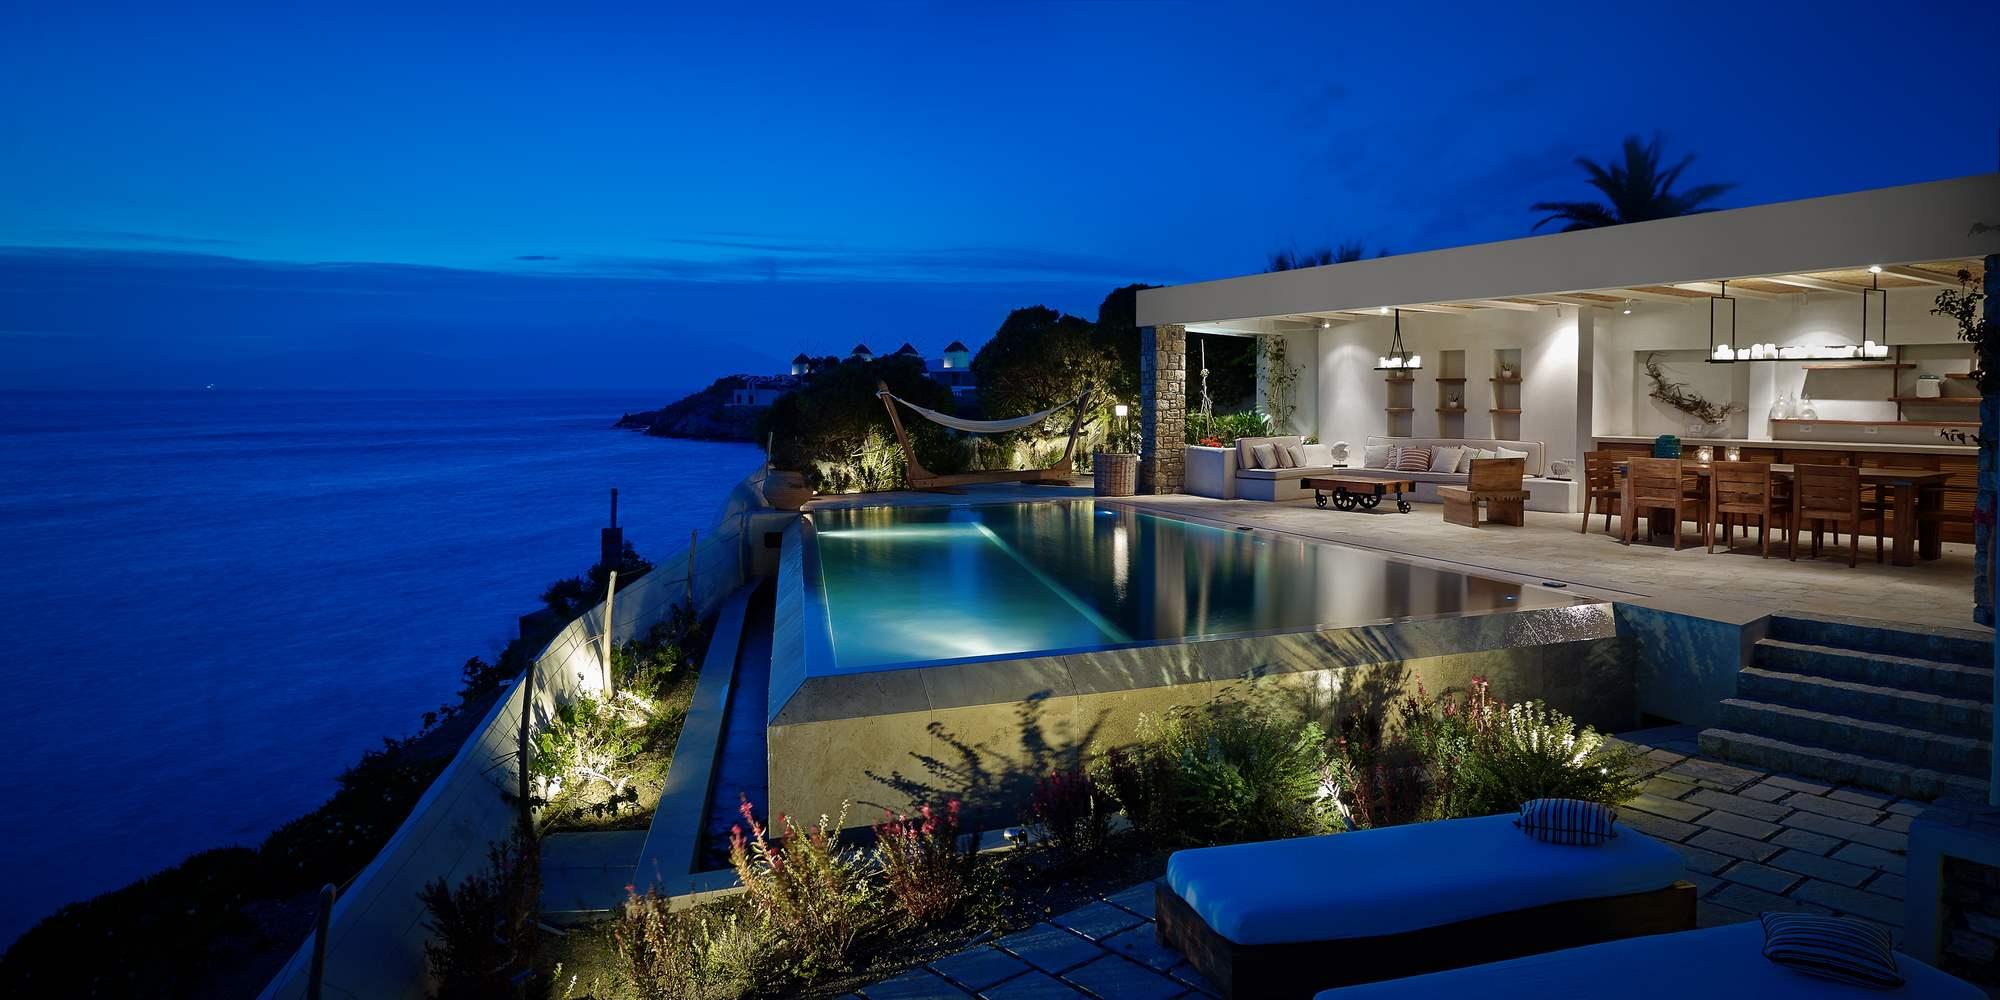 Hotel Villas Mykonos